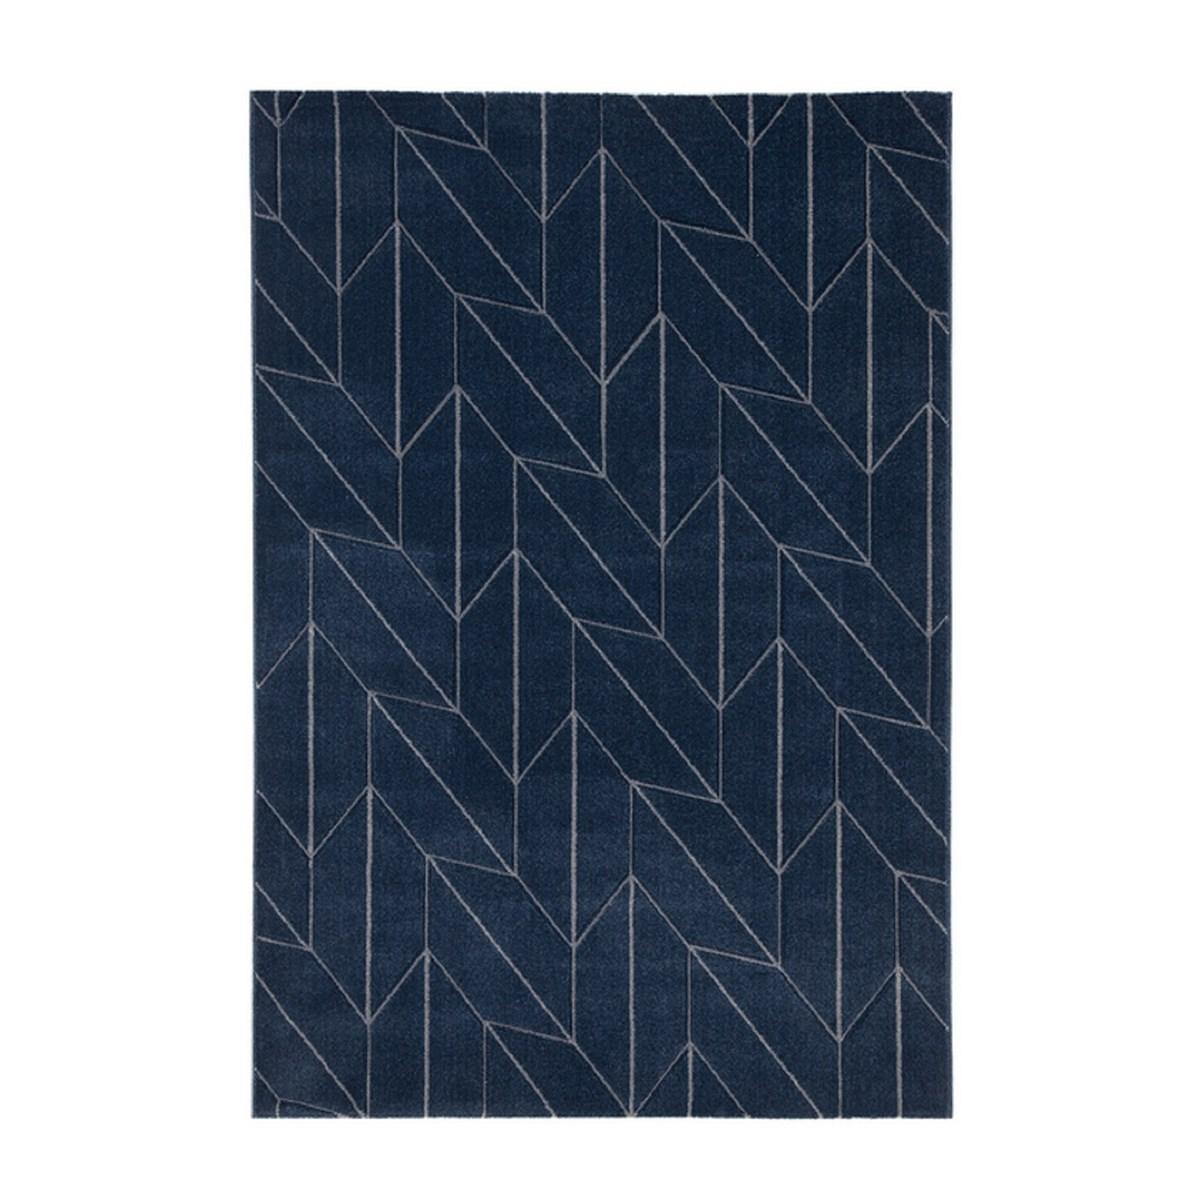 Tapis de salon en Polypropylène Bleu marine 130x190 cm